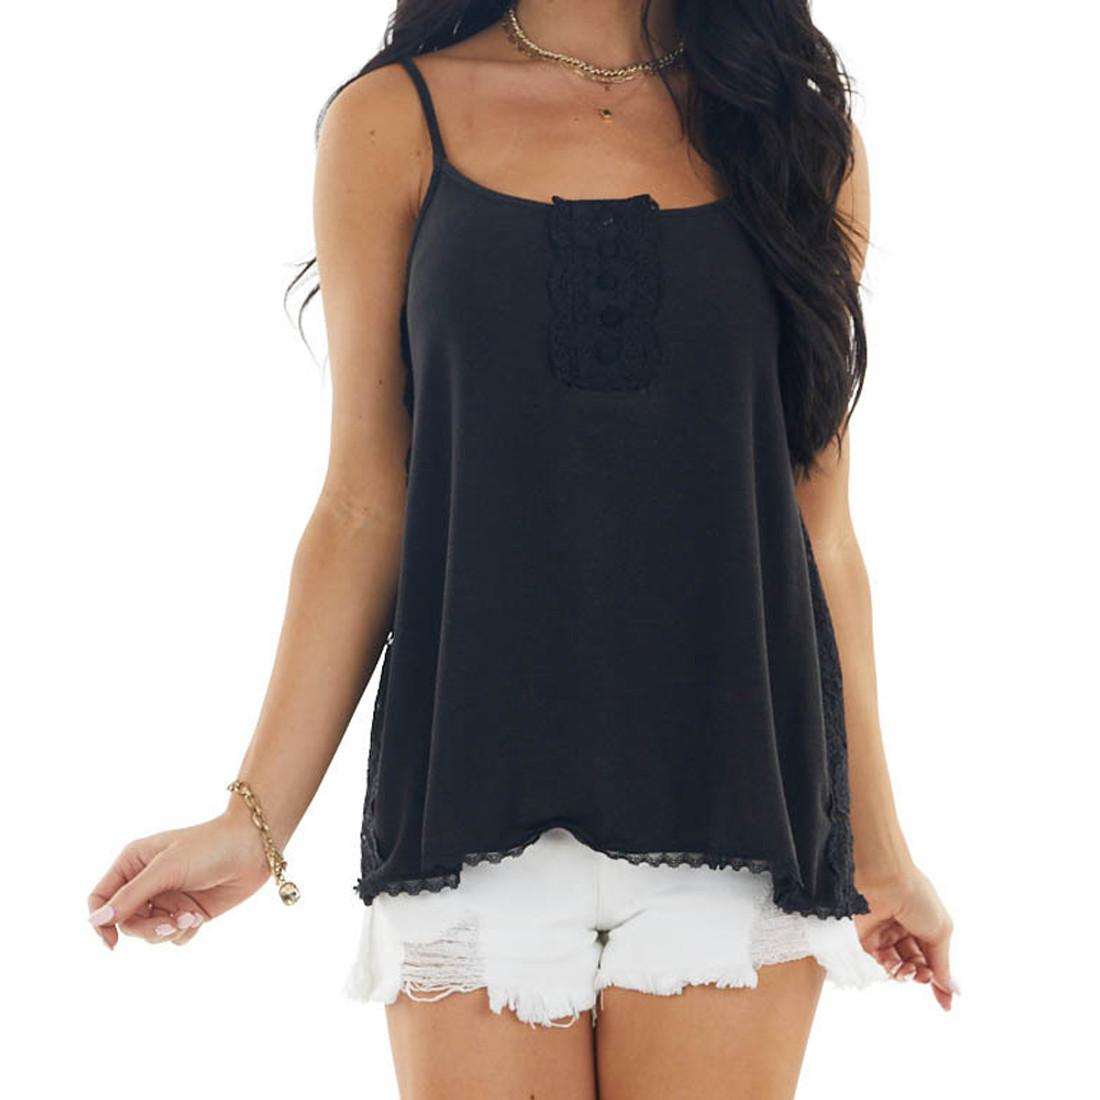 Pol Clothing Black Tank Top